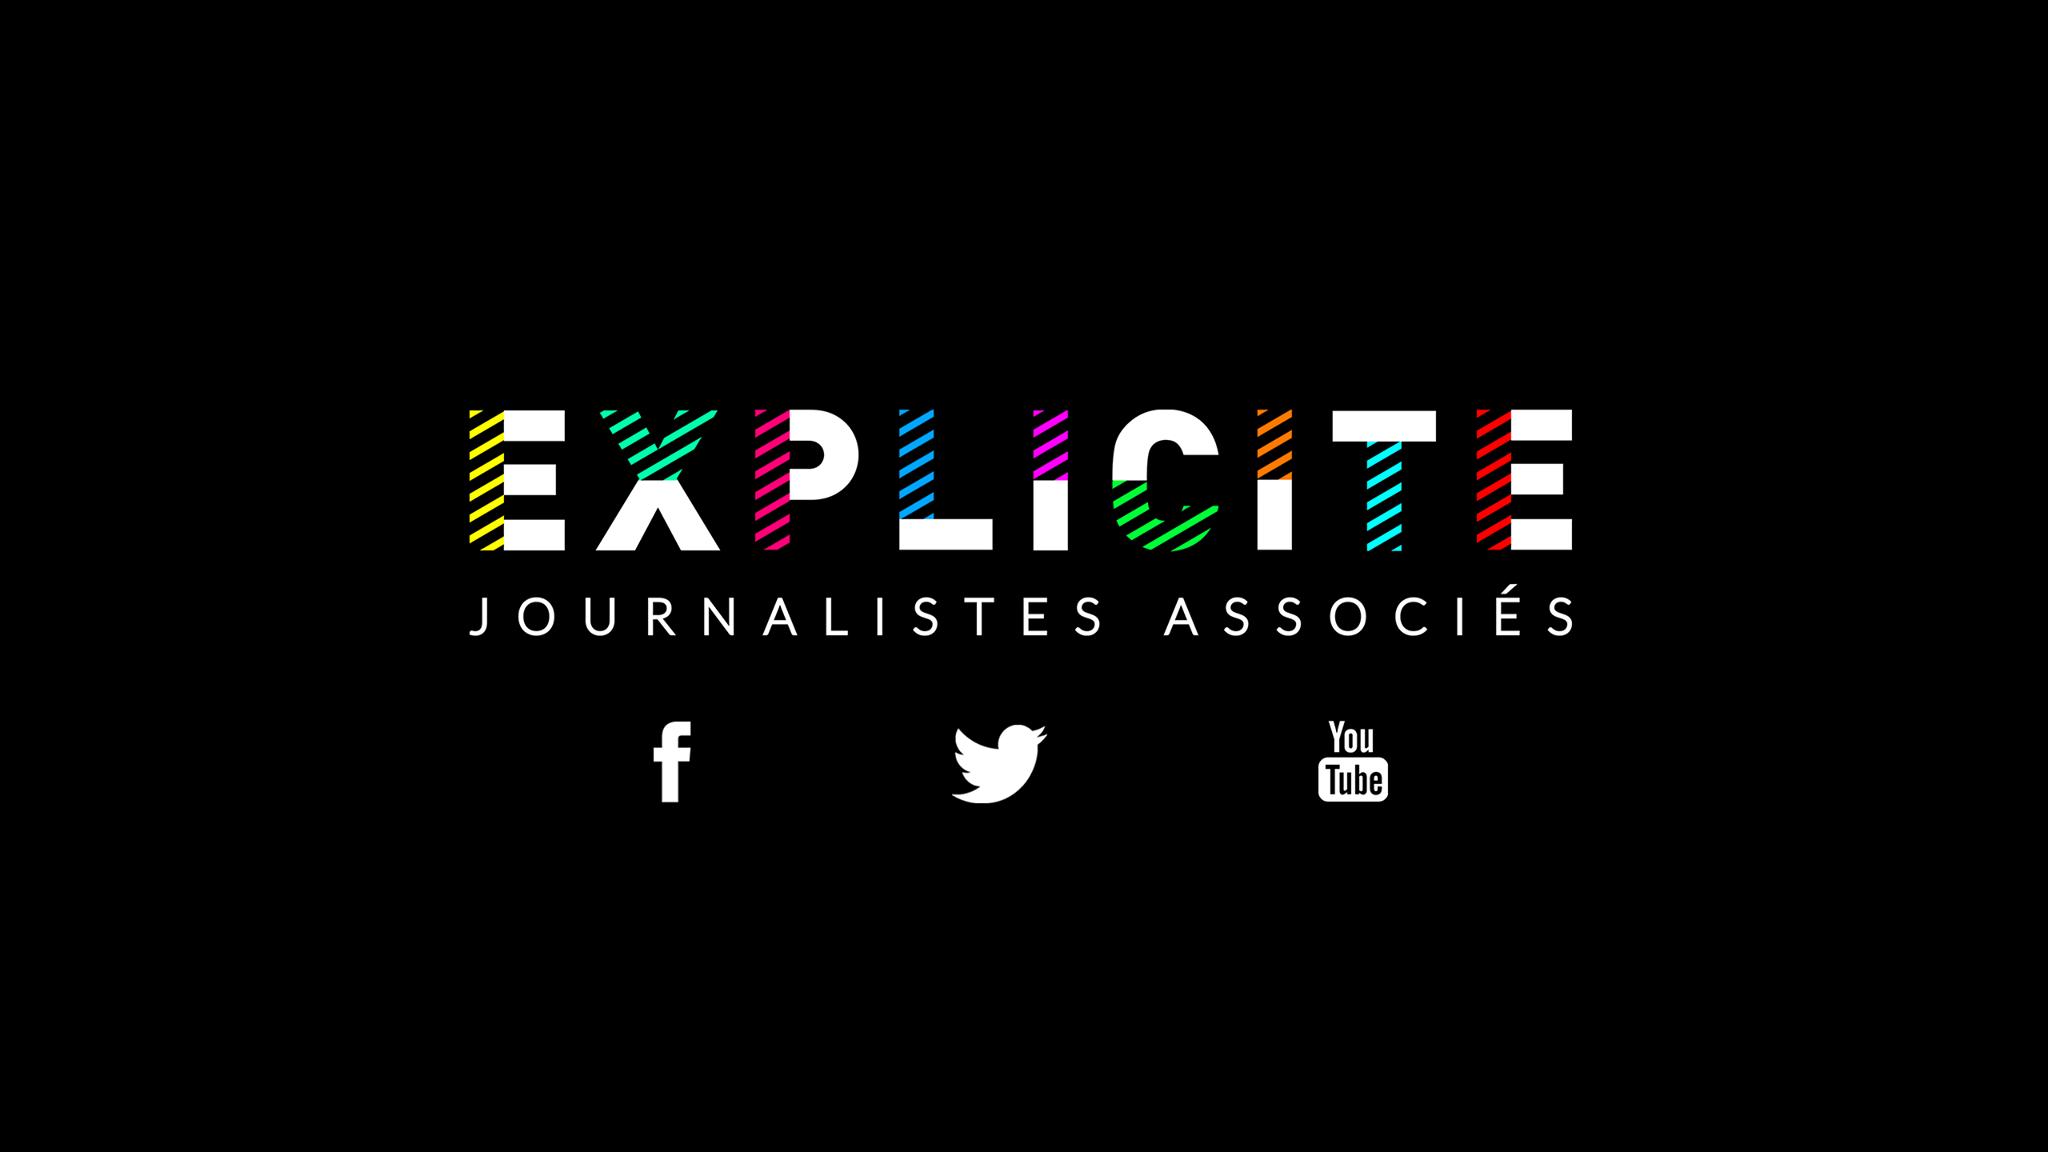 Capture d'écran du logo d'Explicite sur la page d'accueil du site explicite.info.